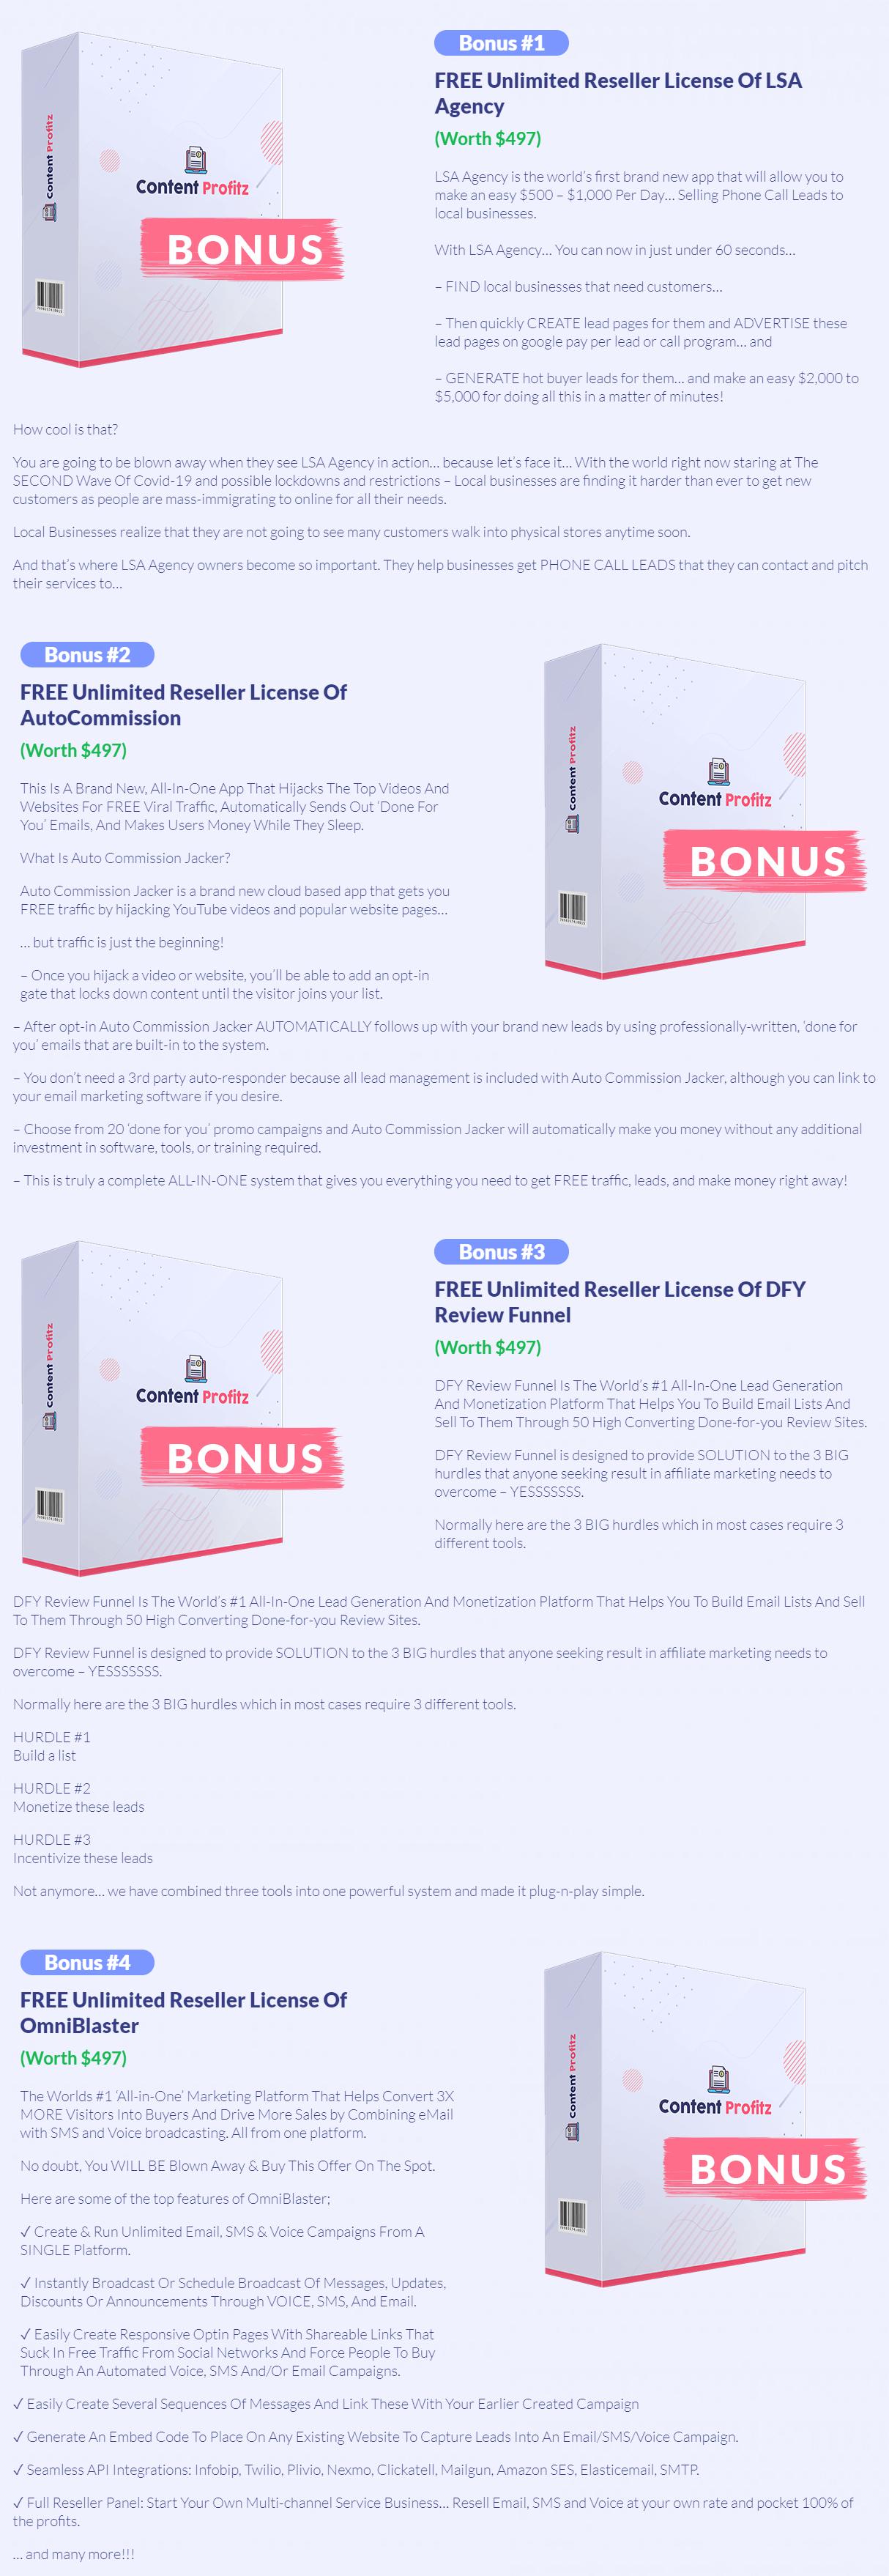 Content-Profitz-bonus